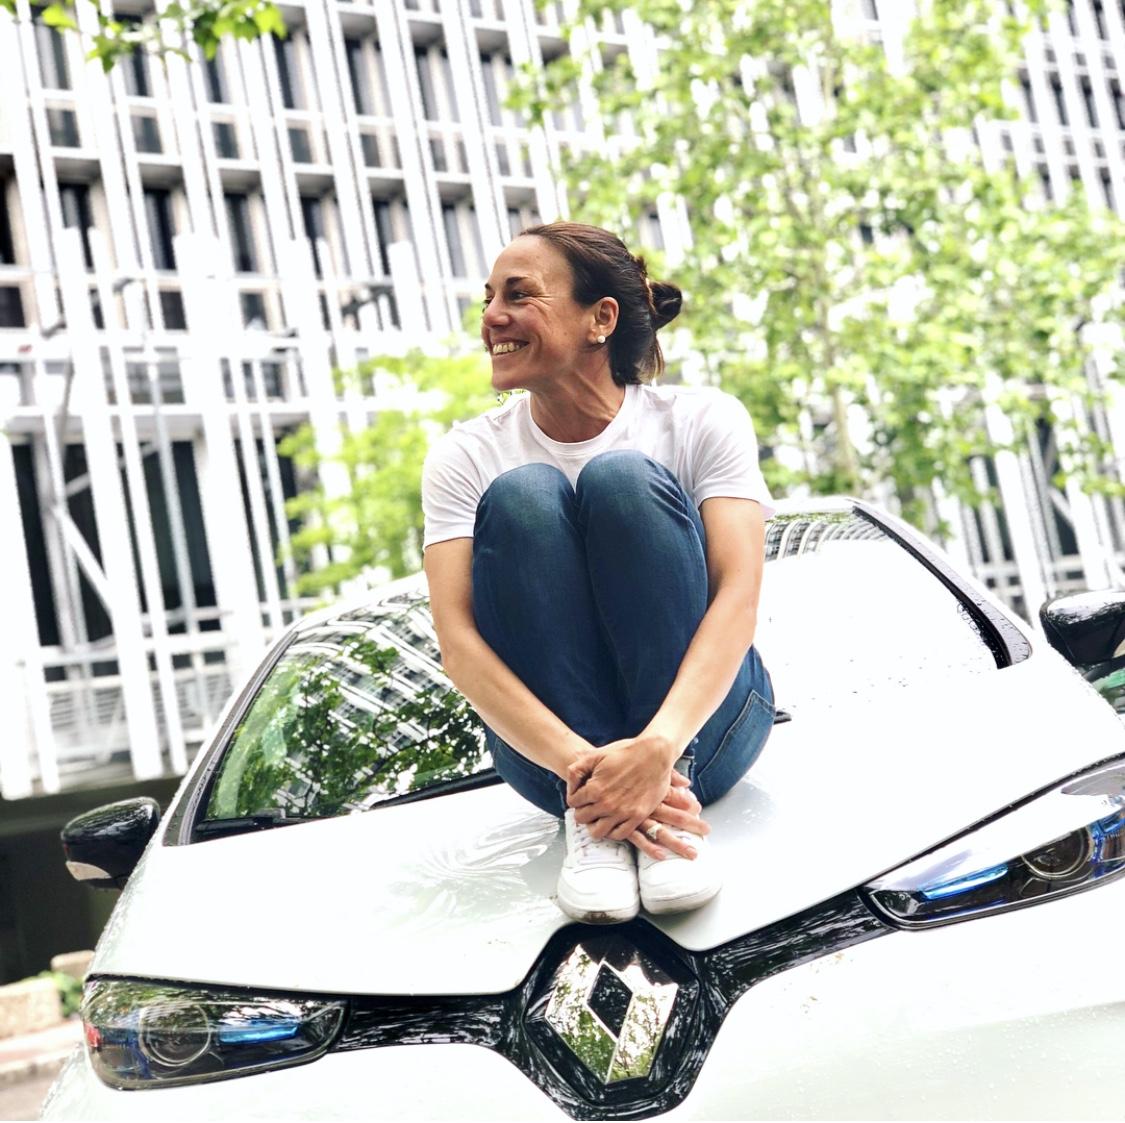 los mejores planes para desconectar en junio experienciaszoe Renault Zoe planes en Madrid isabel del barrio sportcoolture verano onmytrainingshoes